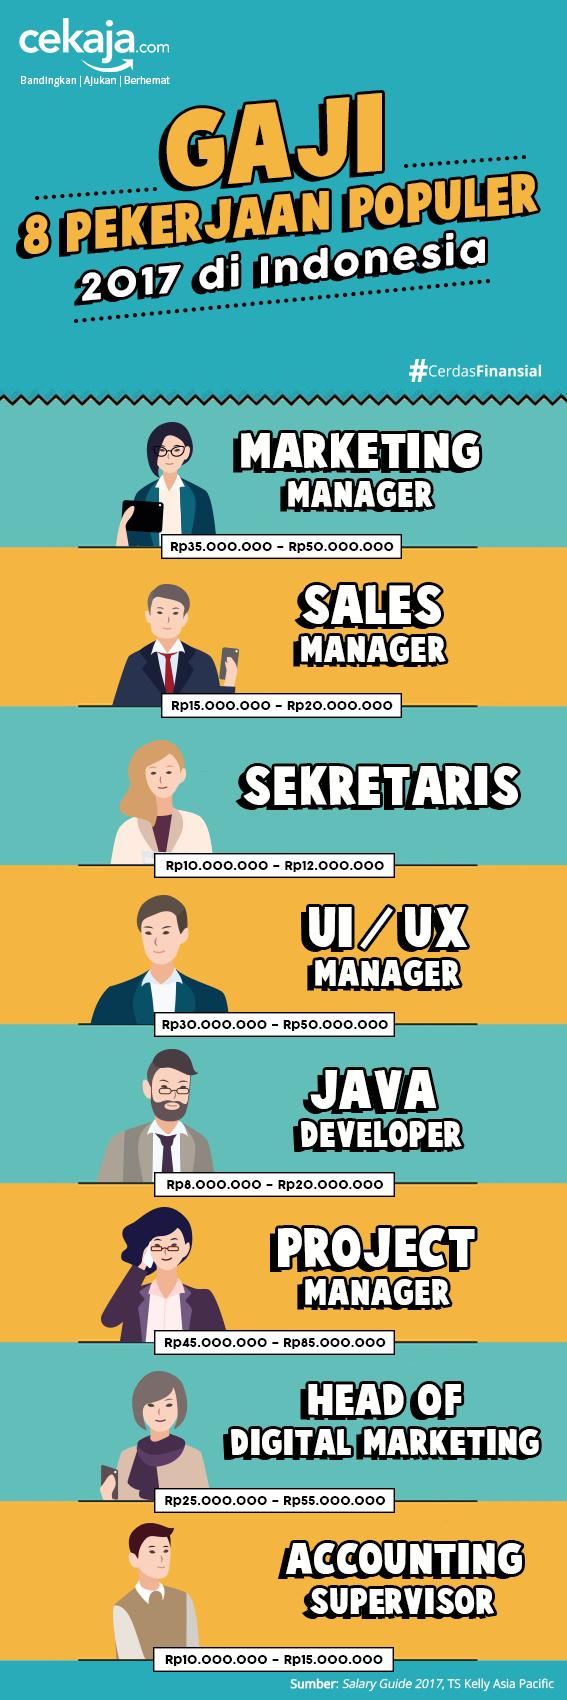 infografis pekerjaan populer 2017 - CekAja.com